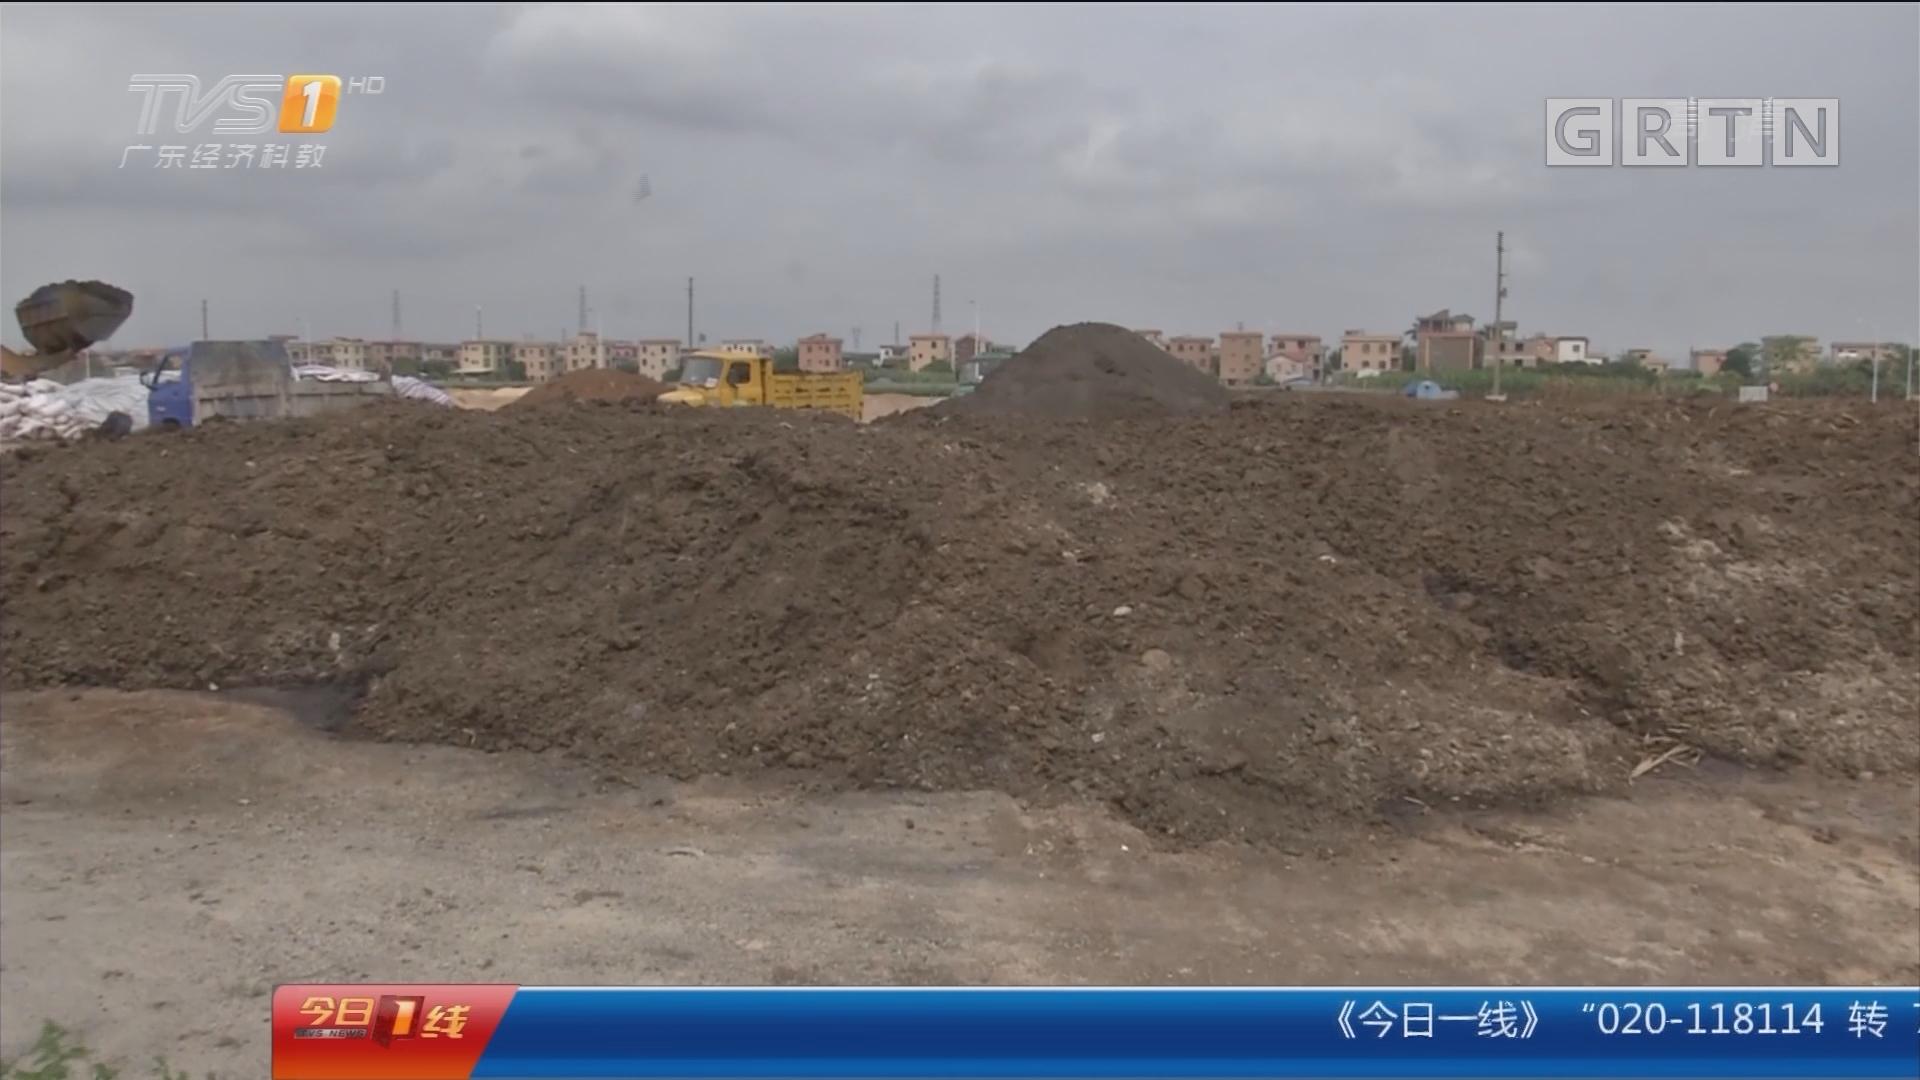 广州南沙:臭臭臭!百吨牛粪家门前堆积如山